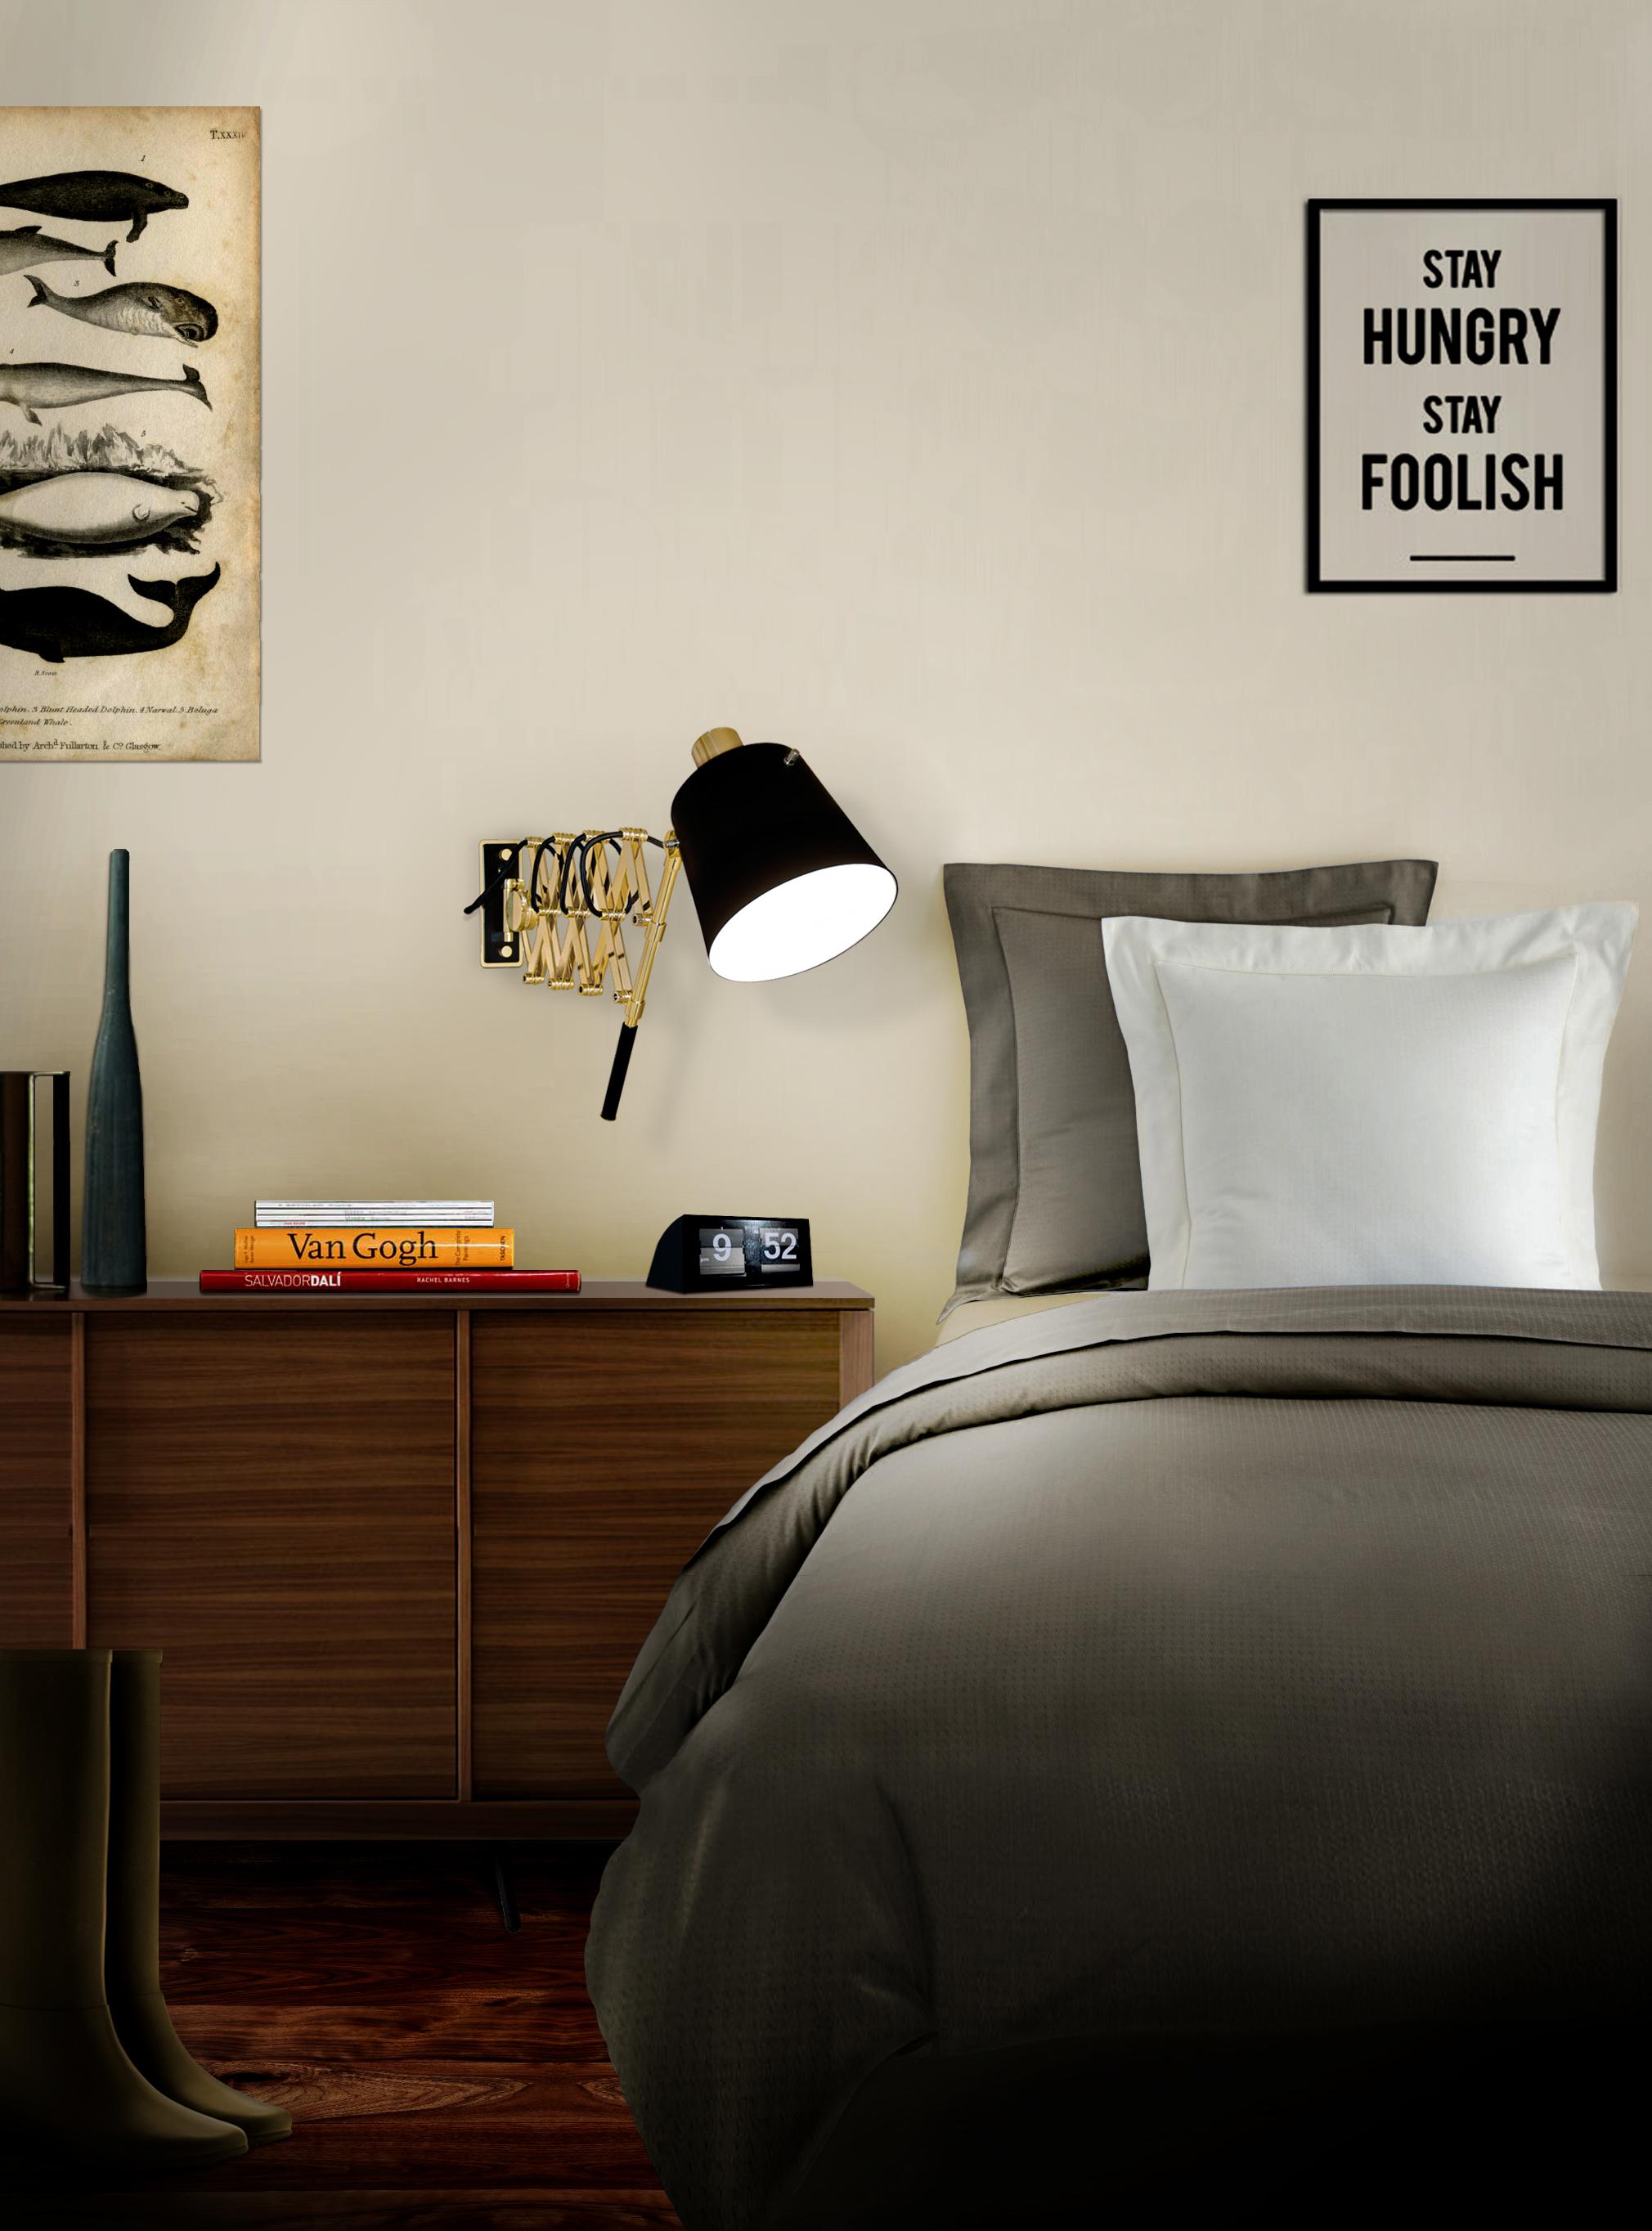 идеи для спальни идеи для спальни Идеи для спальни: 10 шагов для идеального декора delightfull pastorius 01